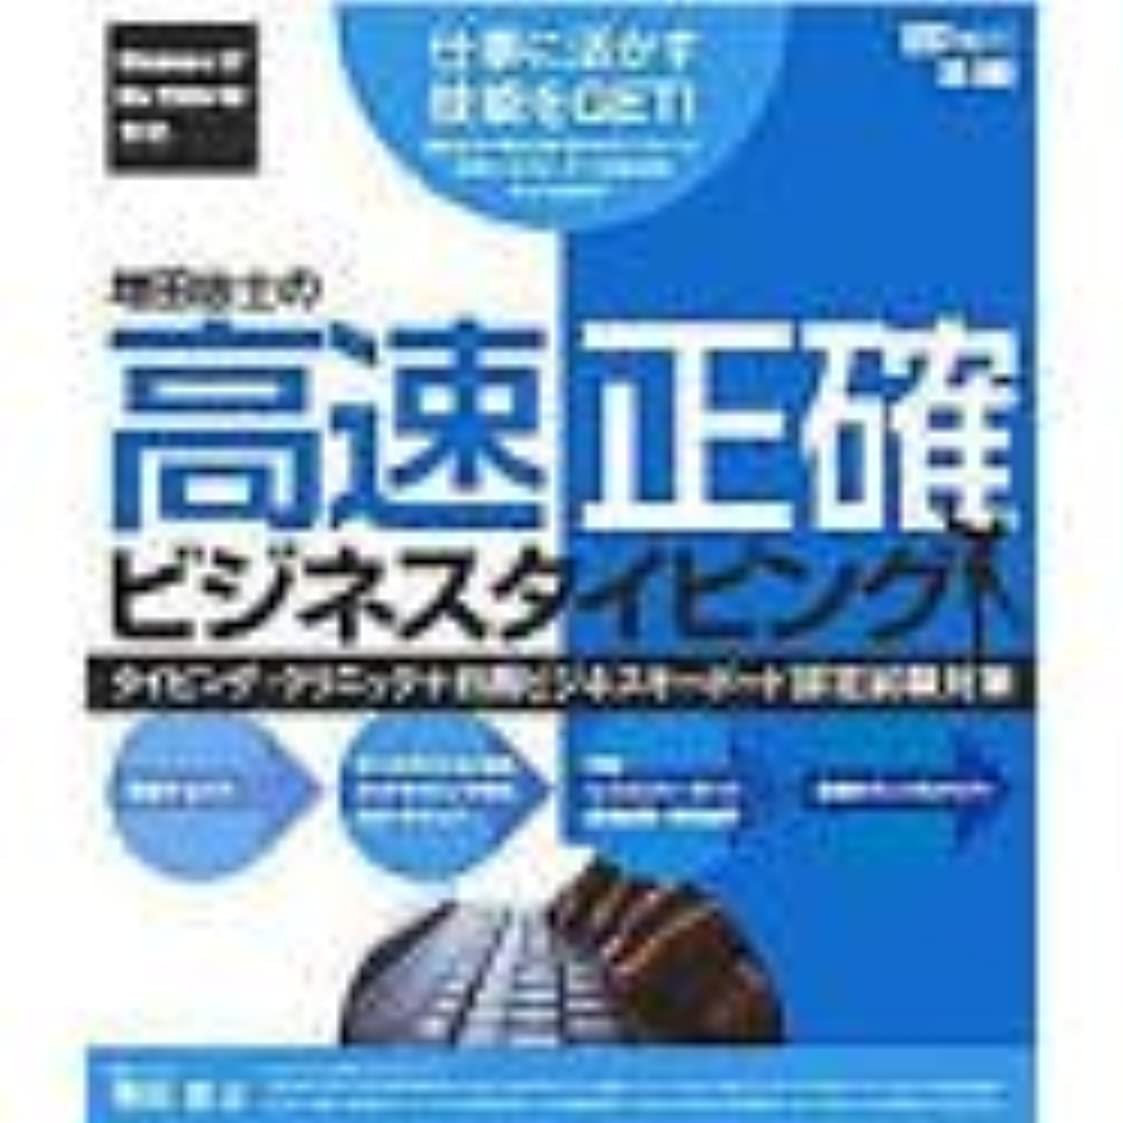 摂動要求ふざけた増田忠士の高速正確 ビジネスタイピング